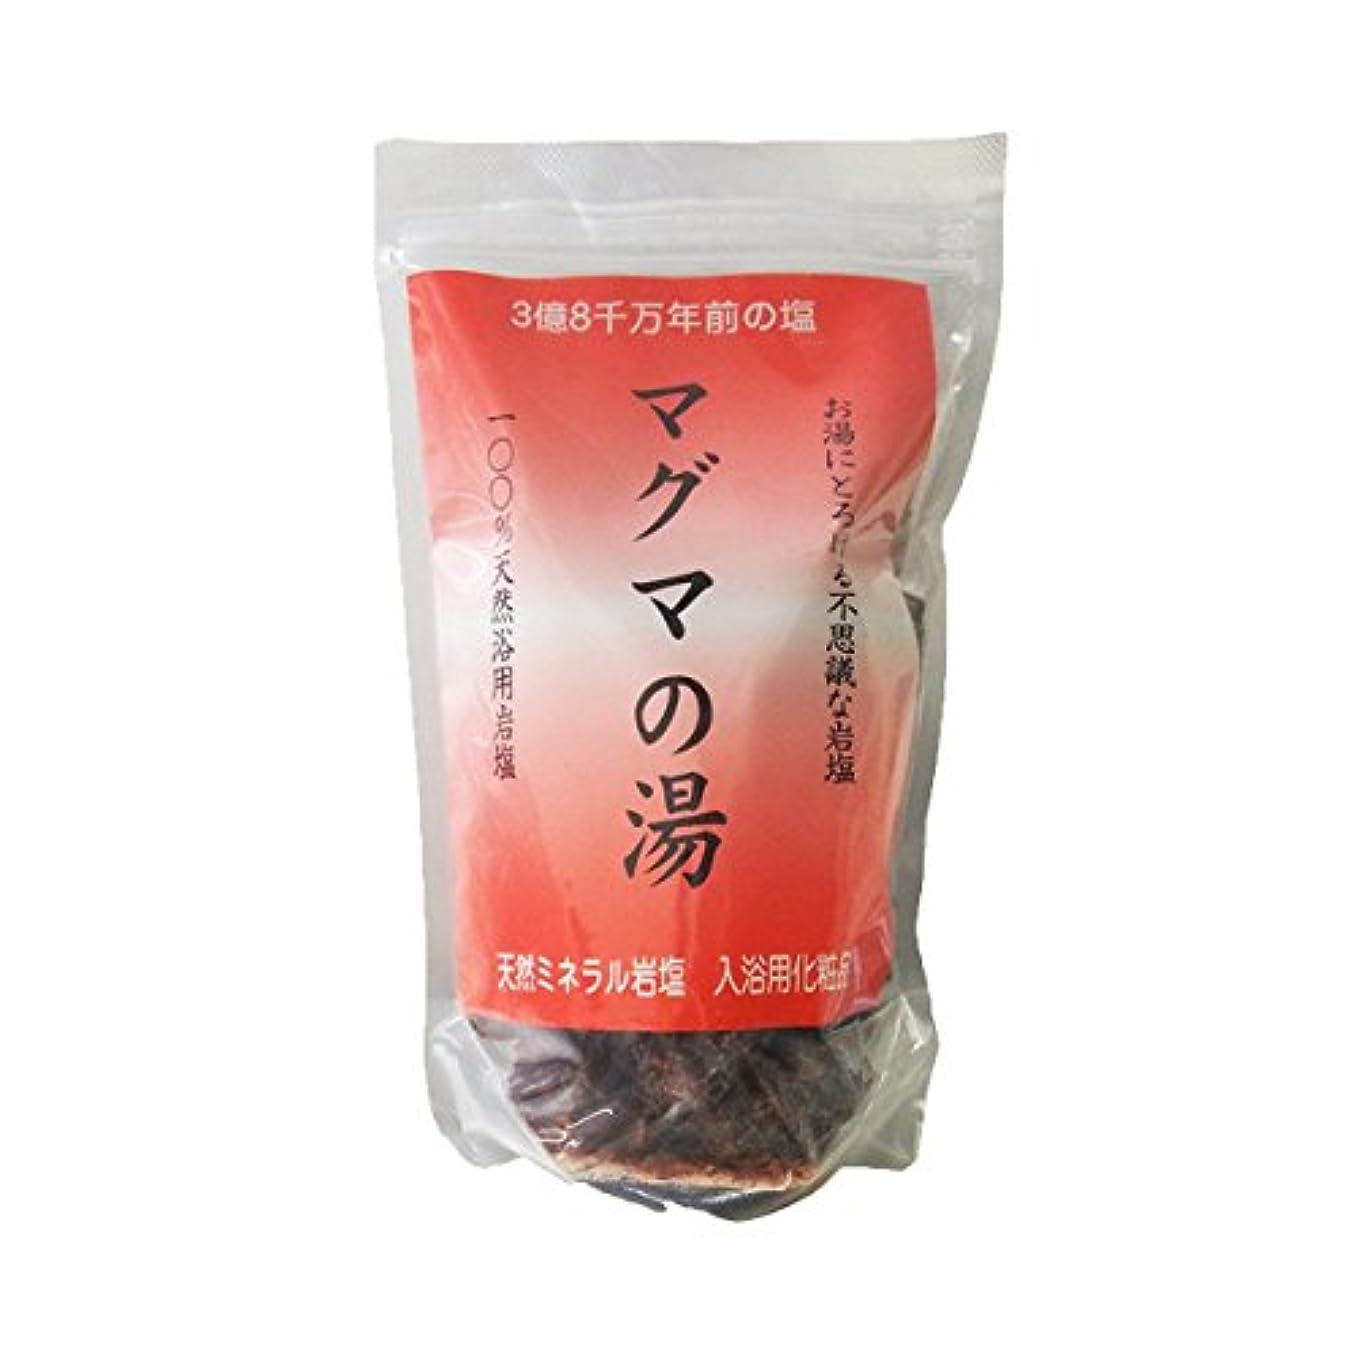 キャリッジつかの間異常マグマの湯 PAT-N 1kg